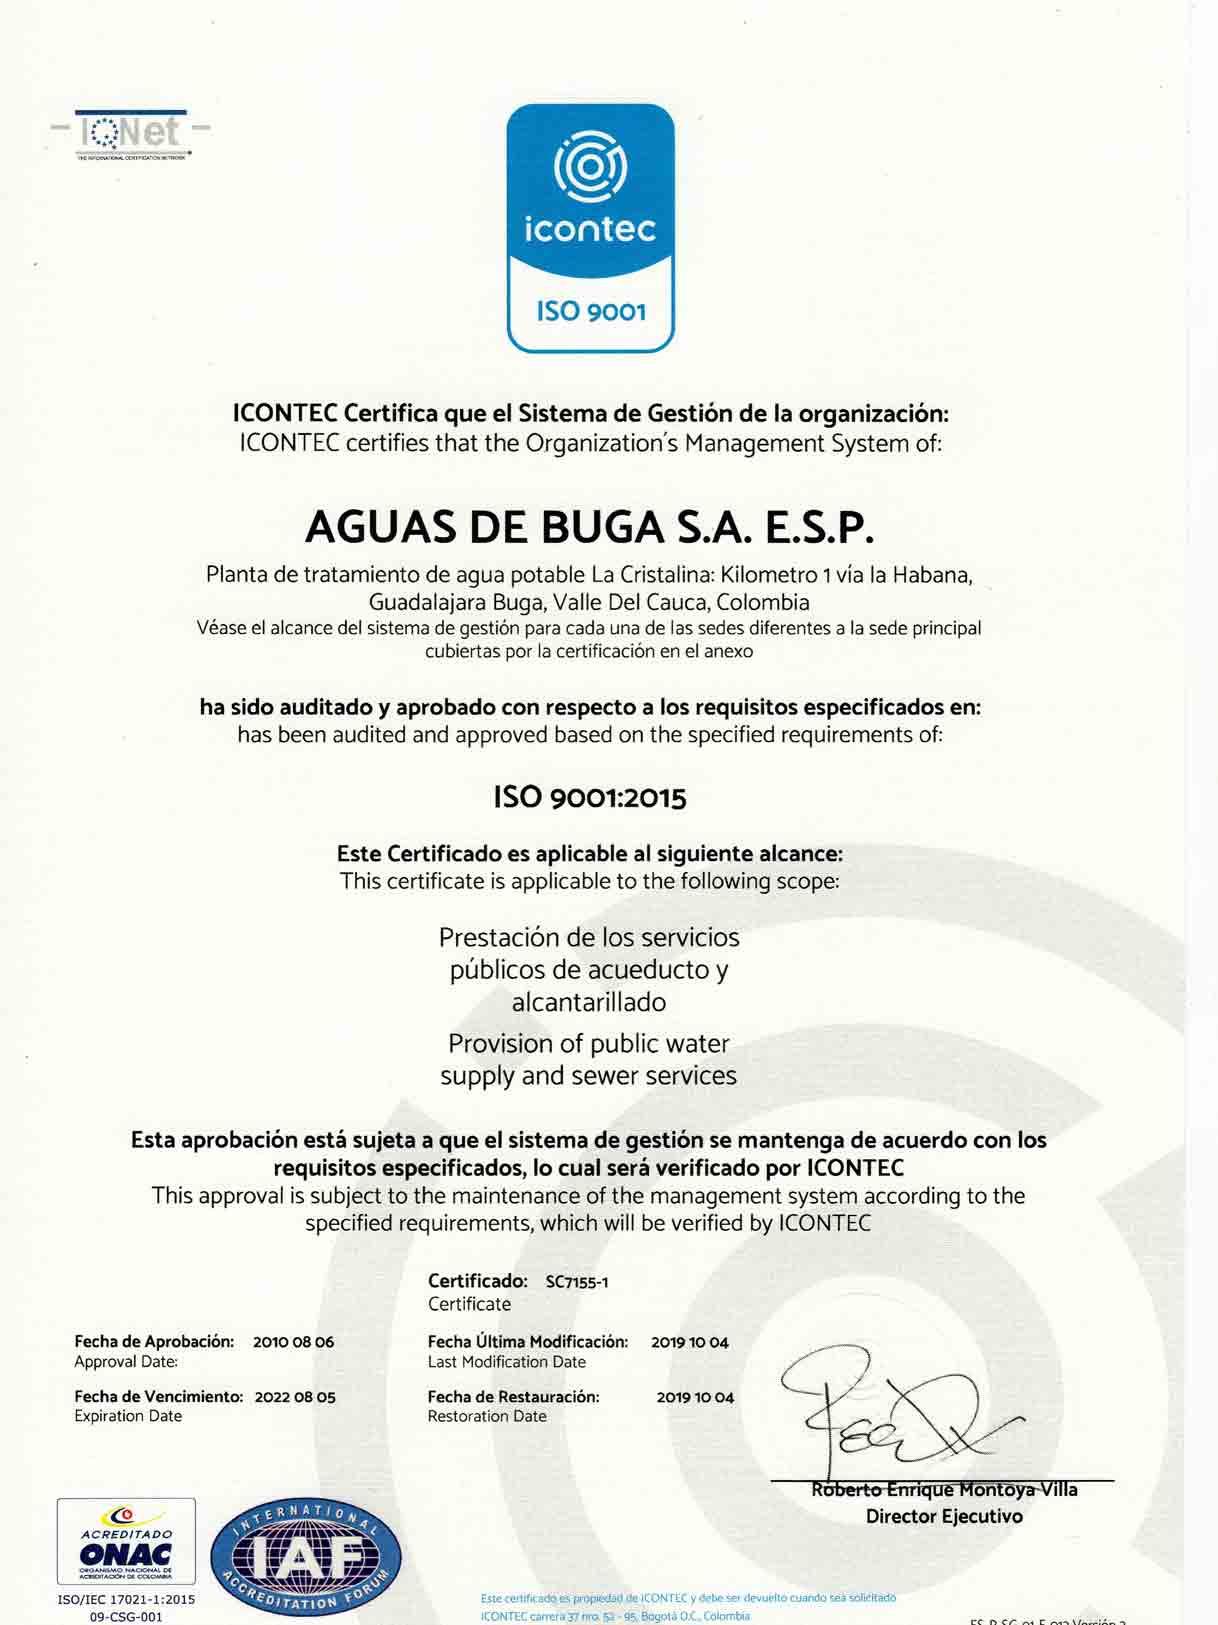 Icontec-Aguas de Buga